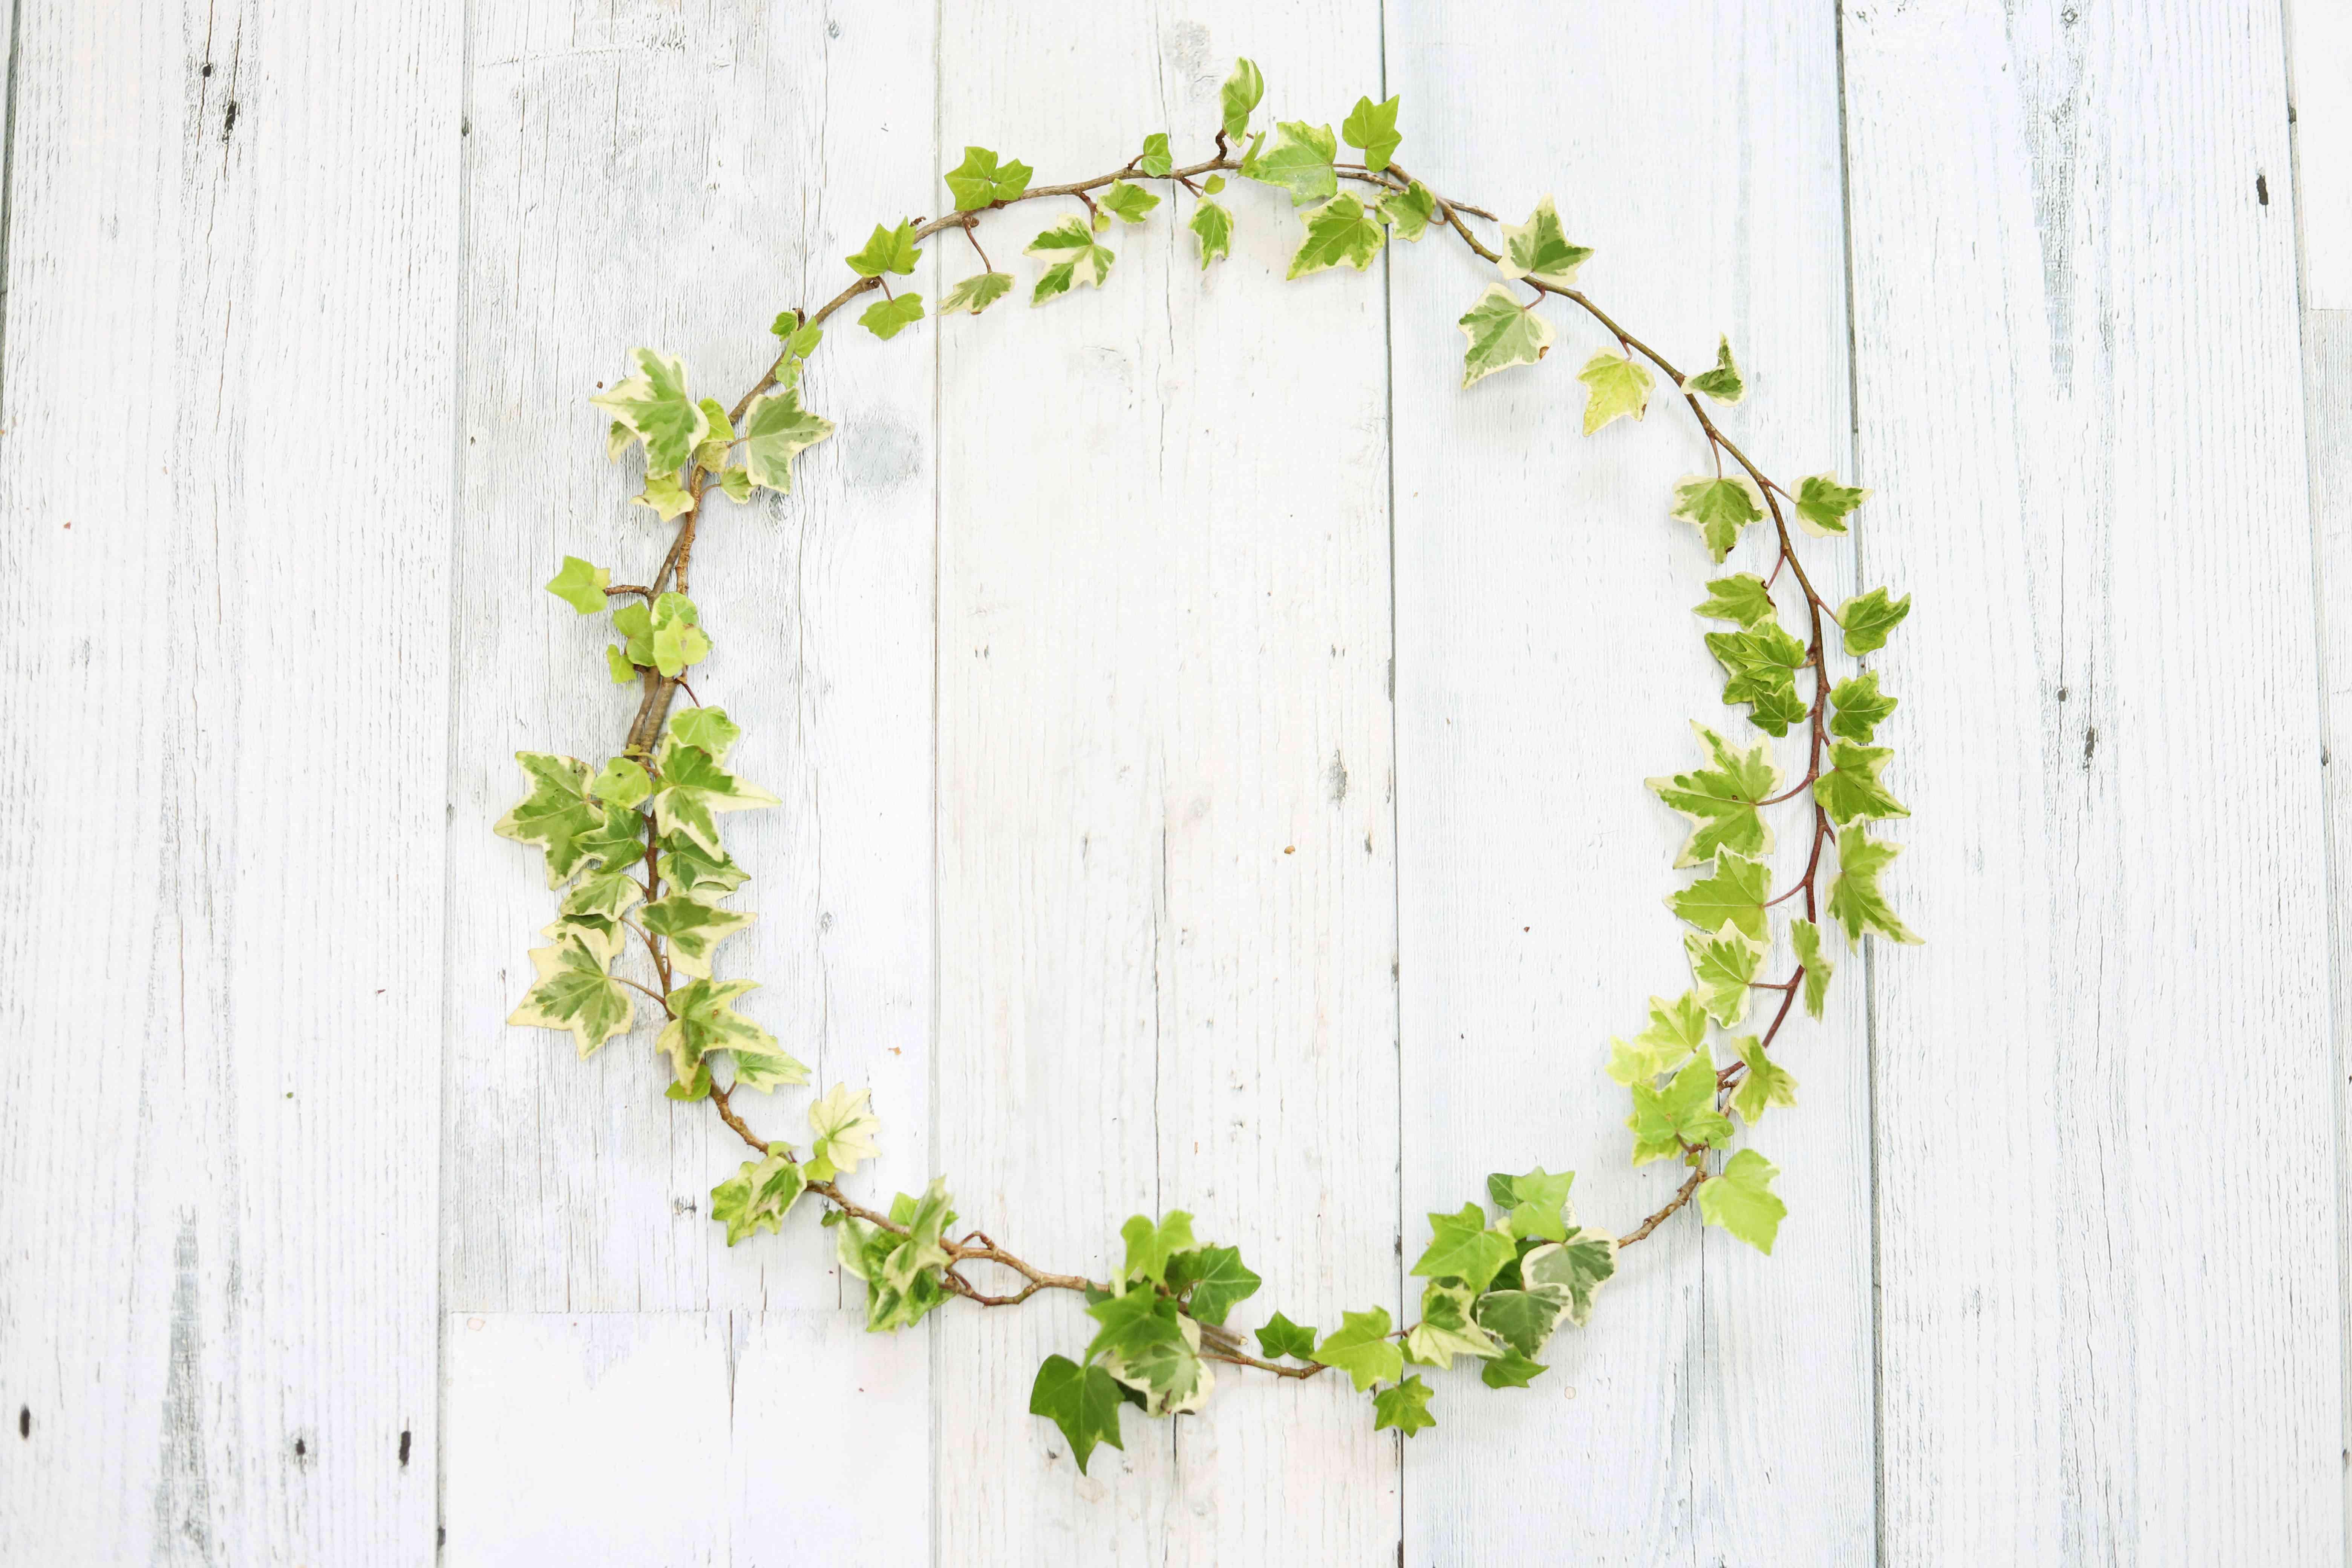 English ivy wreath, circle frame, background image